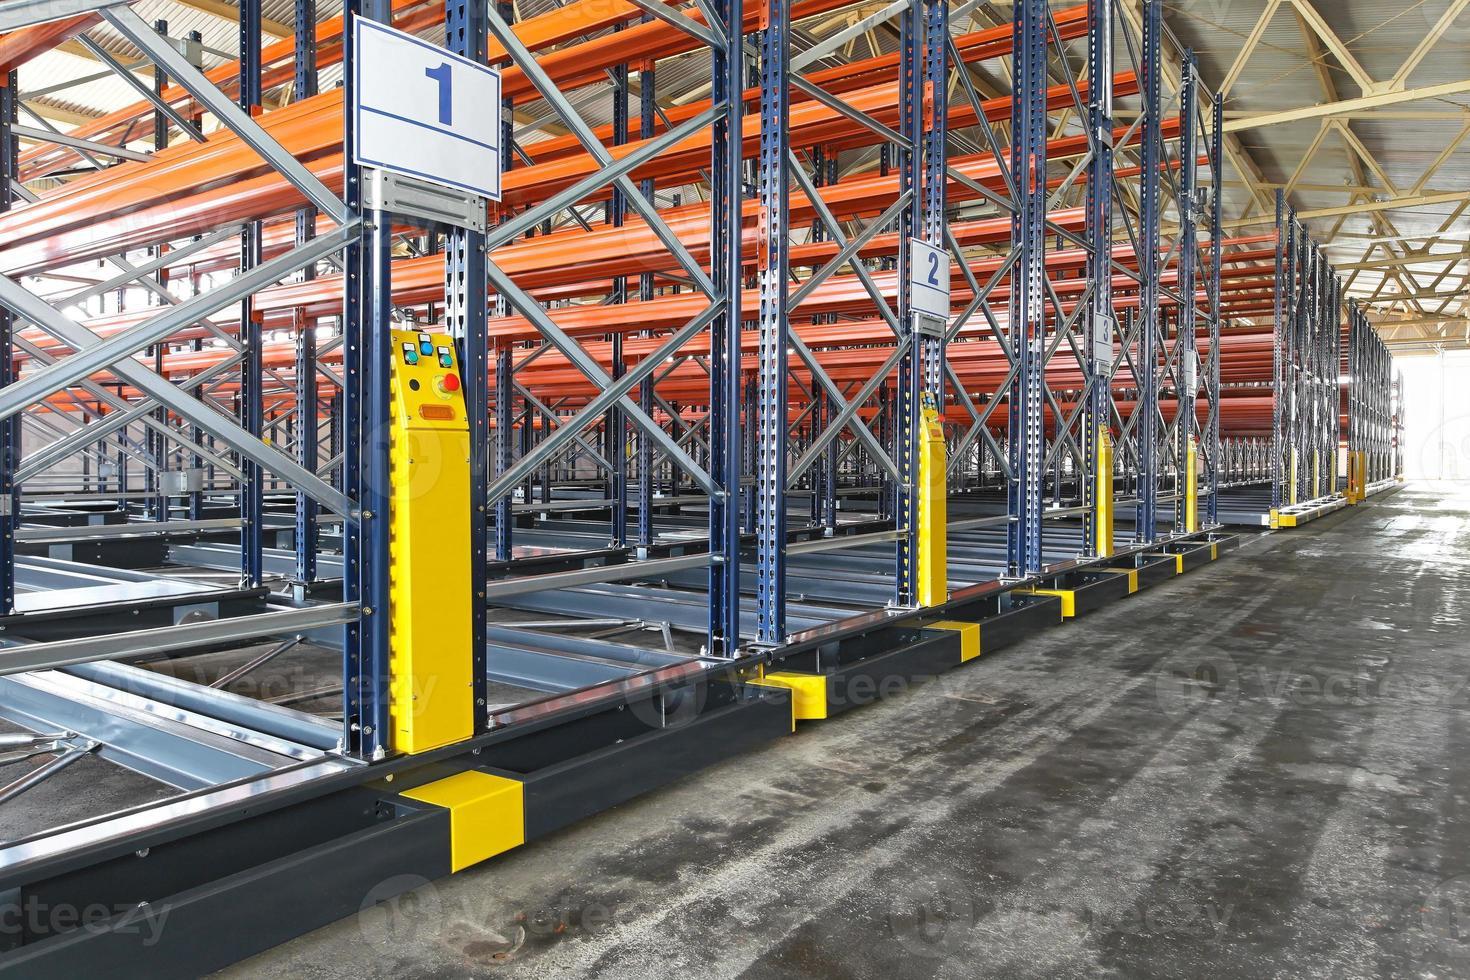 entrepôt d'automatisation photo